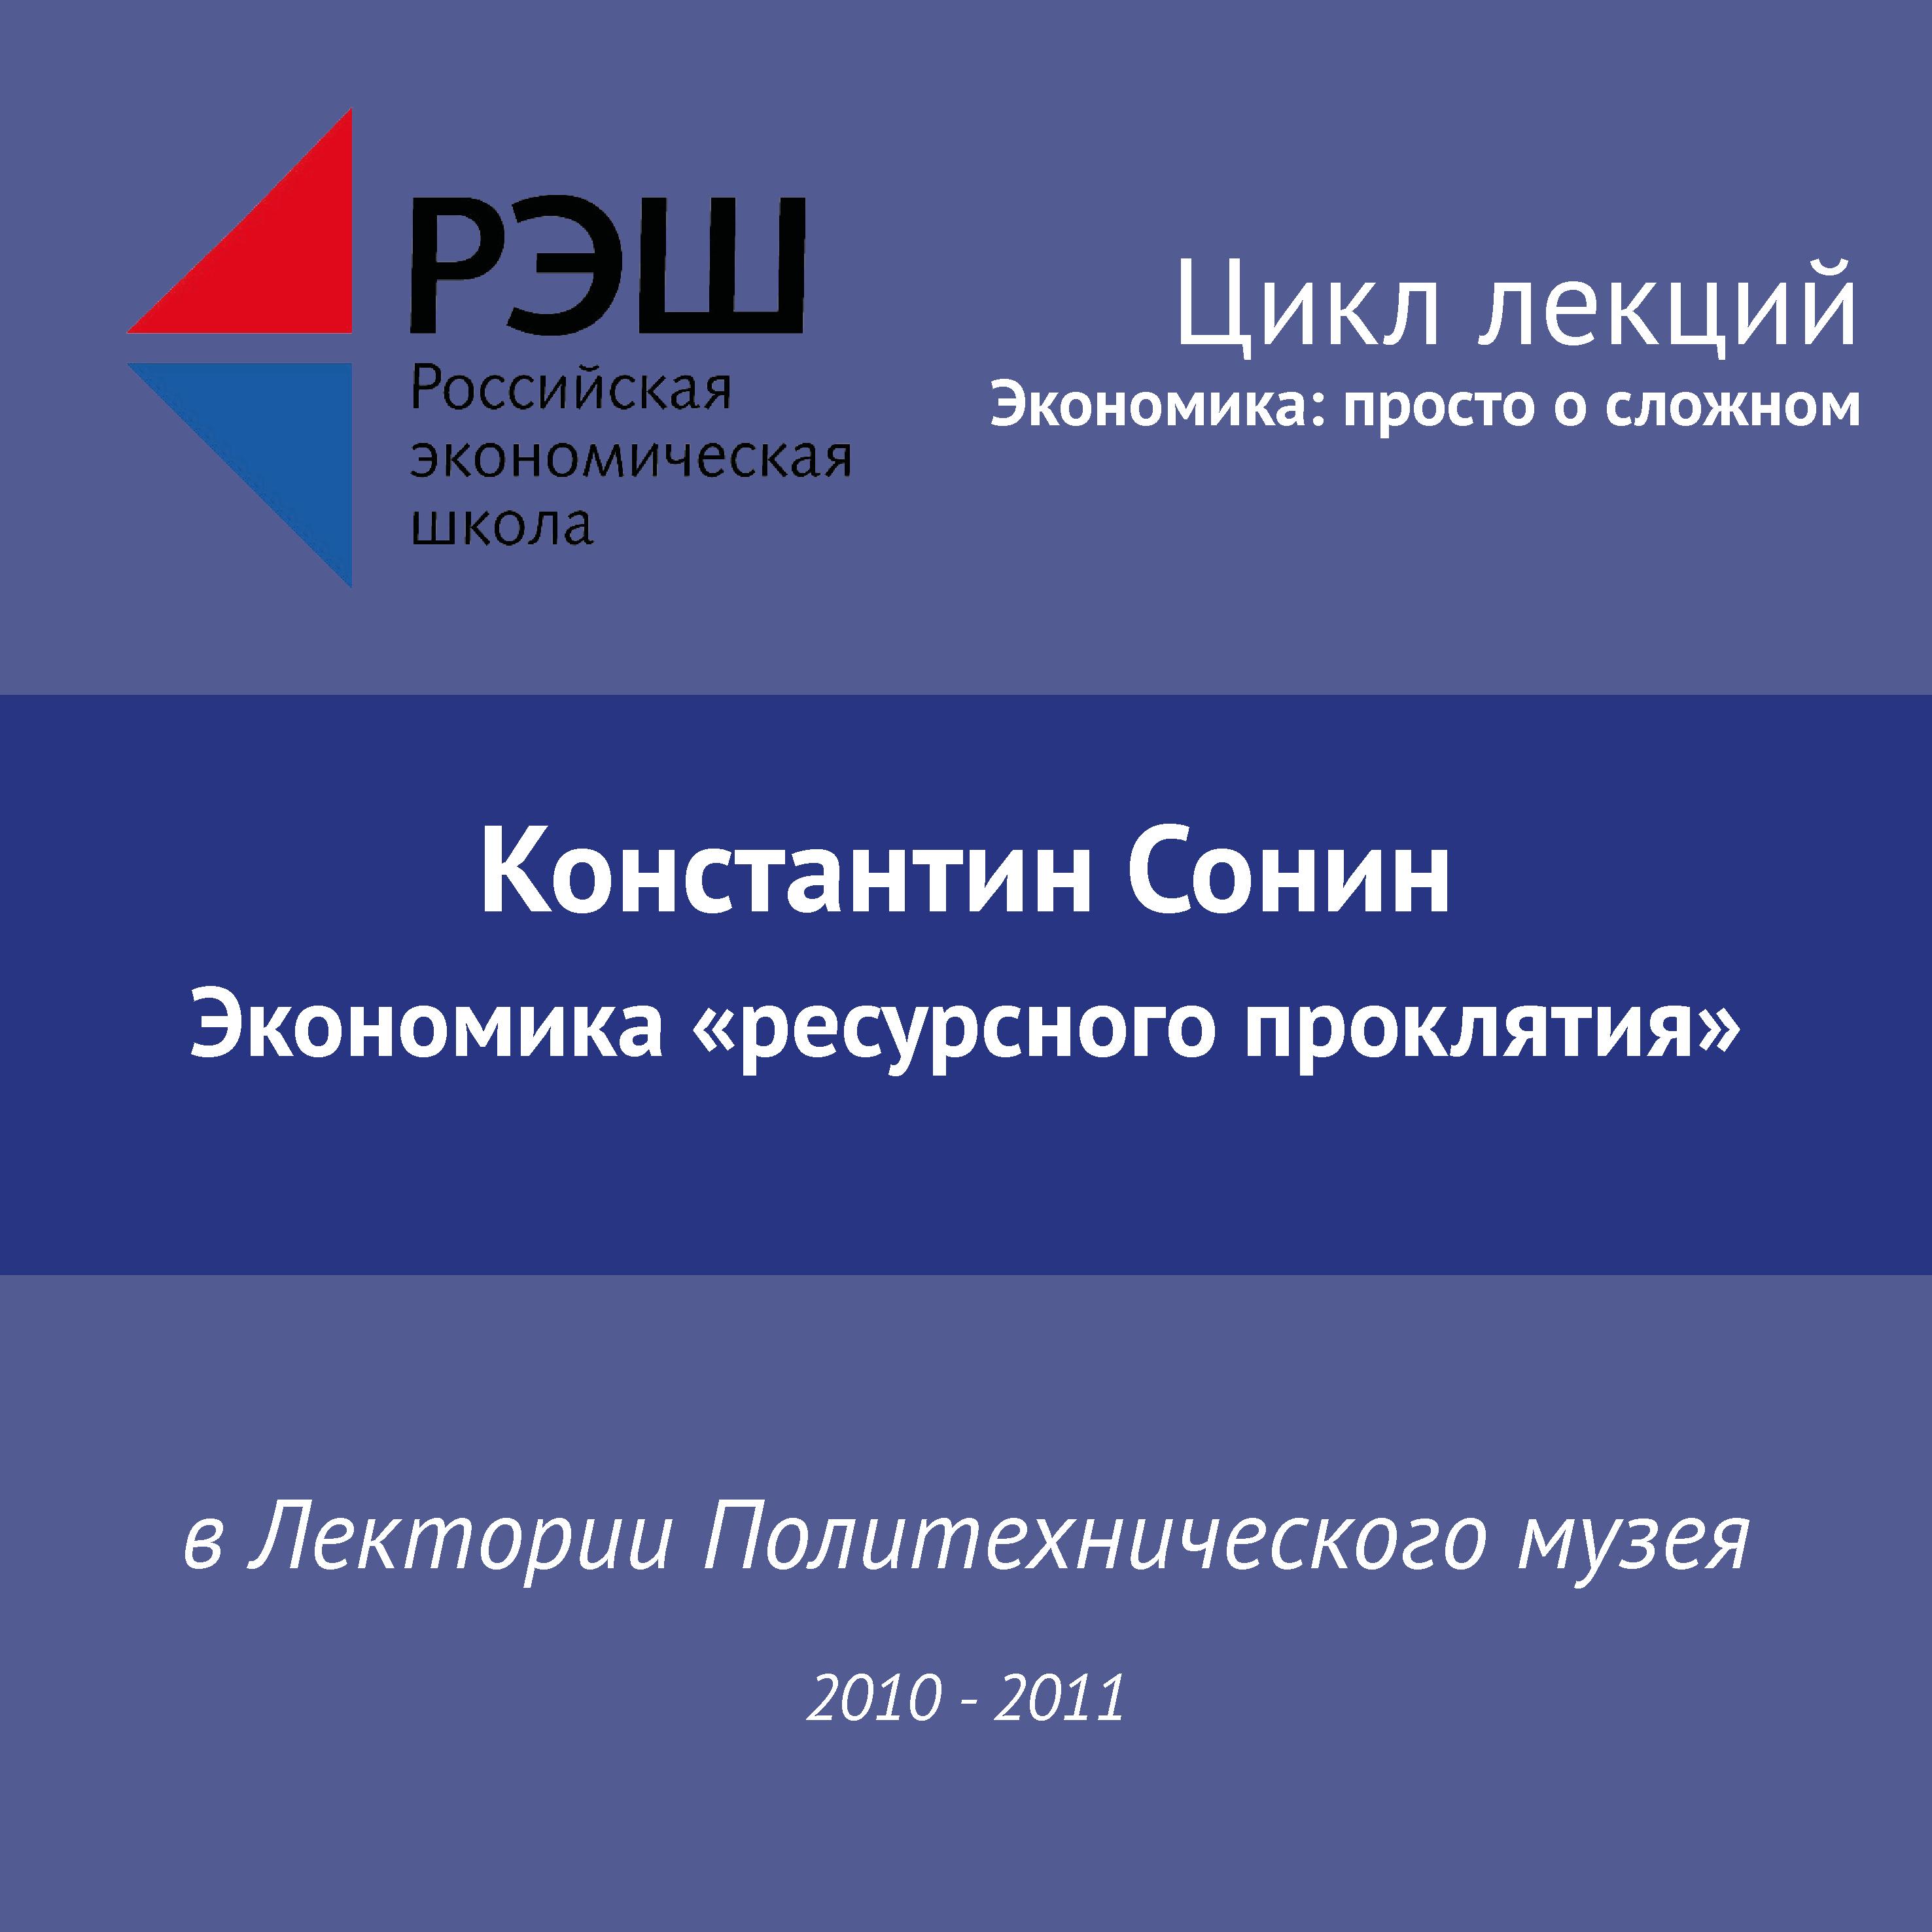 Константин Сонин Лекция №12 «Экономика ресурсного проклятия» прокляты ли вы реальность проклятия и способы самозащиты